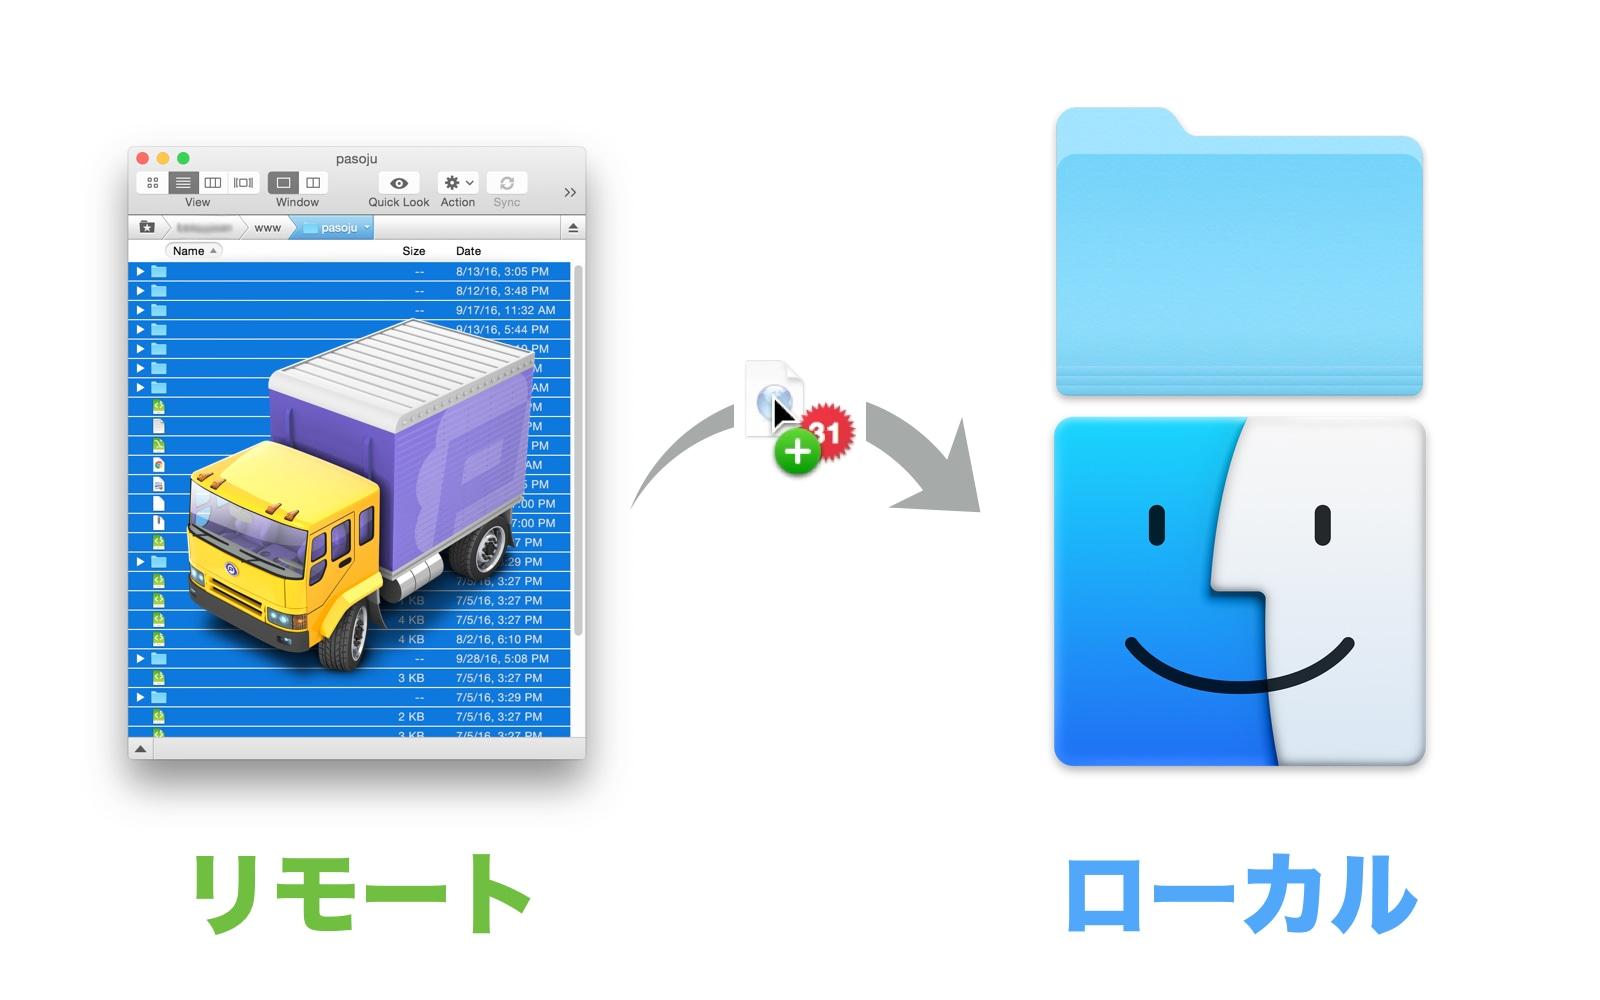 wpXレンタルサーバー 旧サーバーからファイルをダウンロード